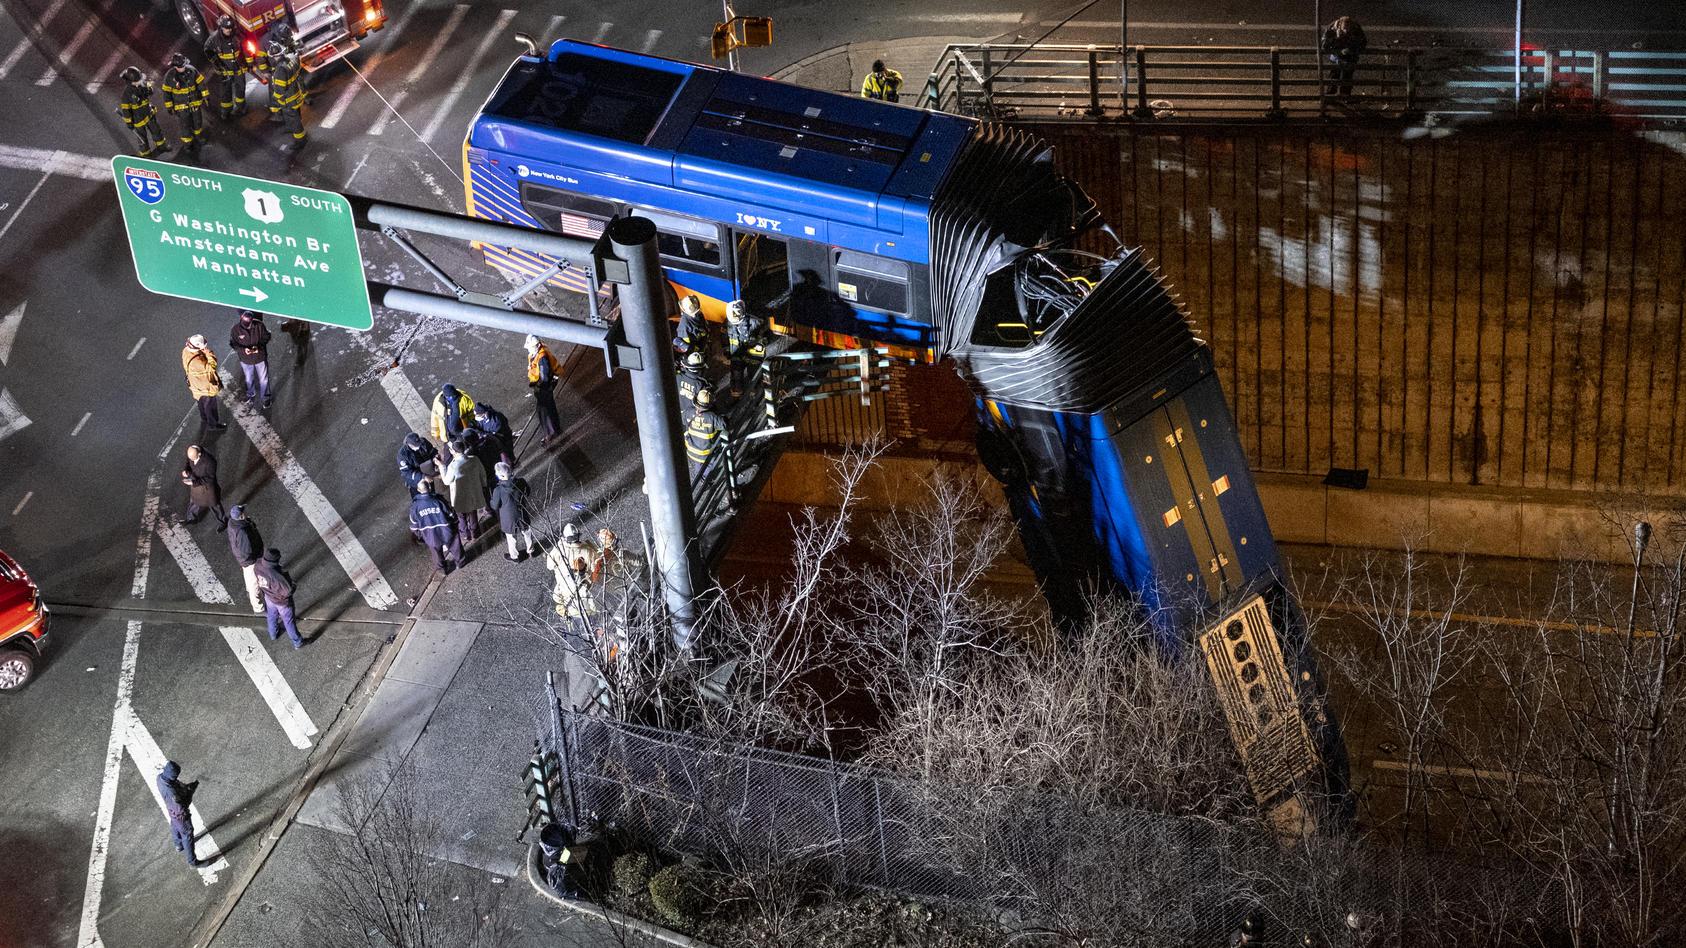 Der hintere Teil des New Yorker Busses stand noch oben auf der Straße, der vordere Teil stürzte in die Tiefe.